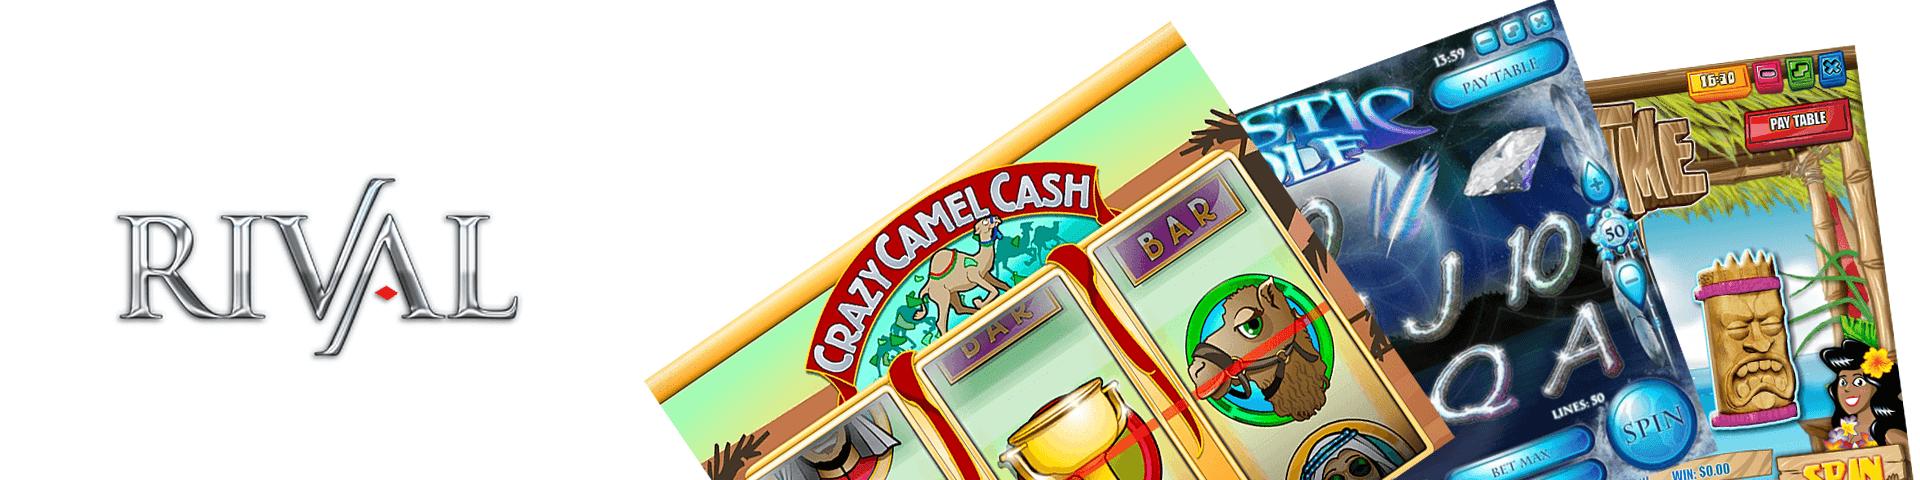 spilleautomater-Rival gaming-himmelspill-slider